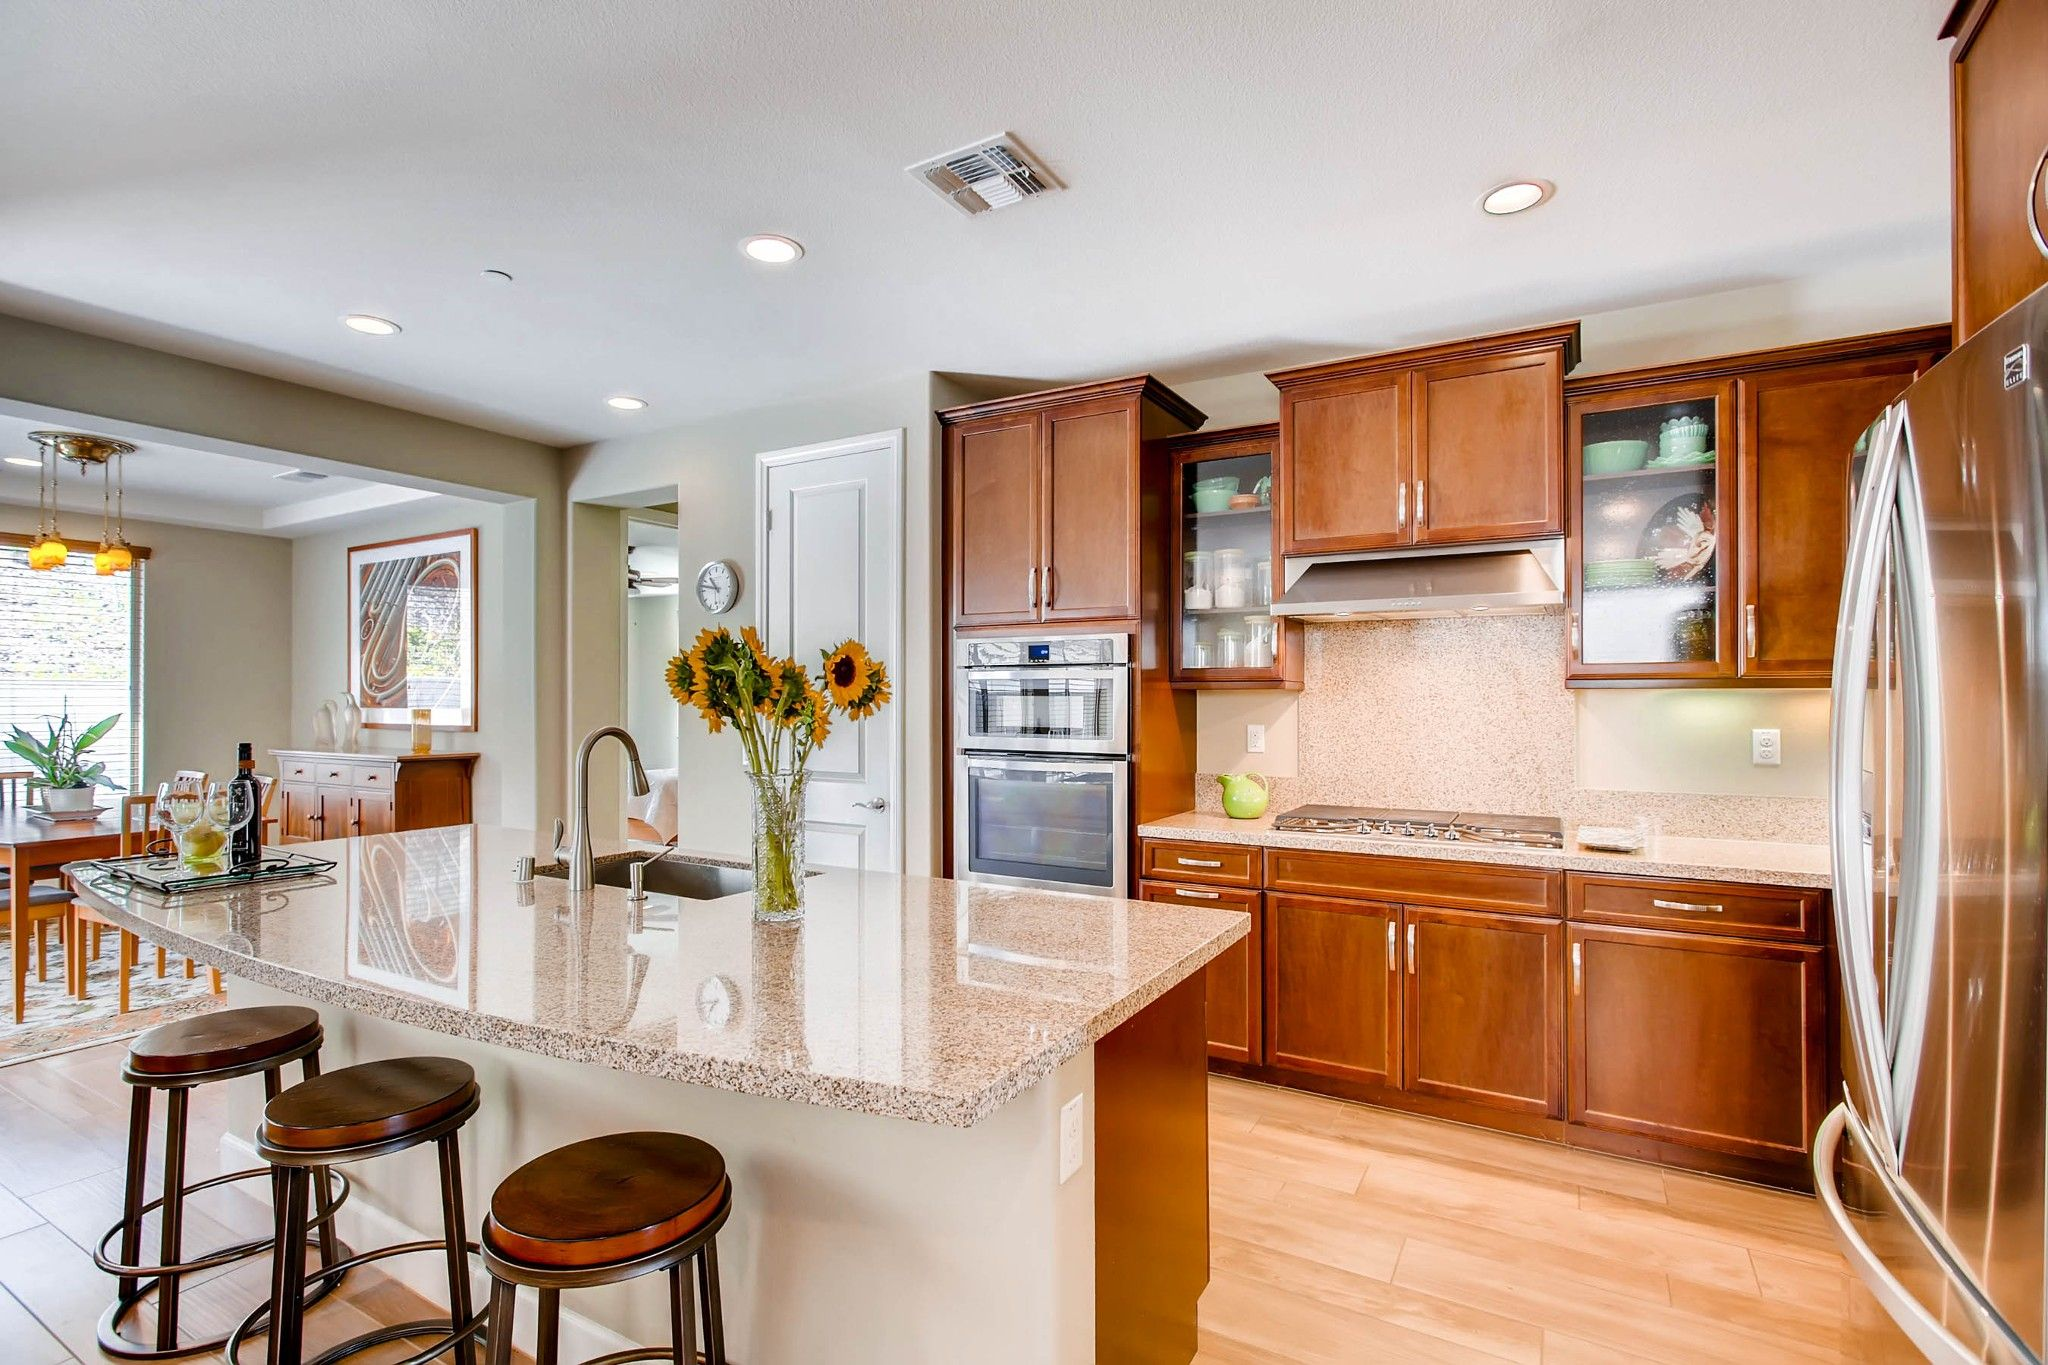 Photo 6: Photos: Residential for sale : 5 bedrooms : 443 Machado Way in Vista